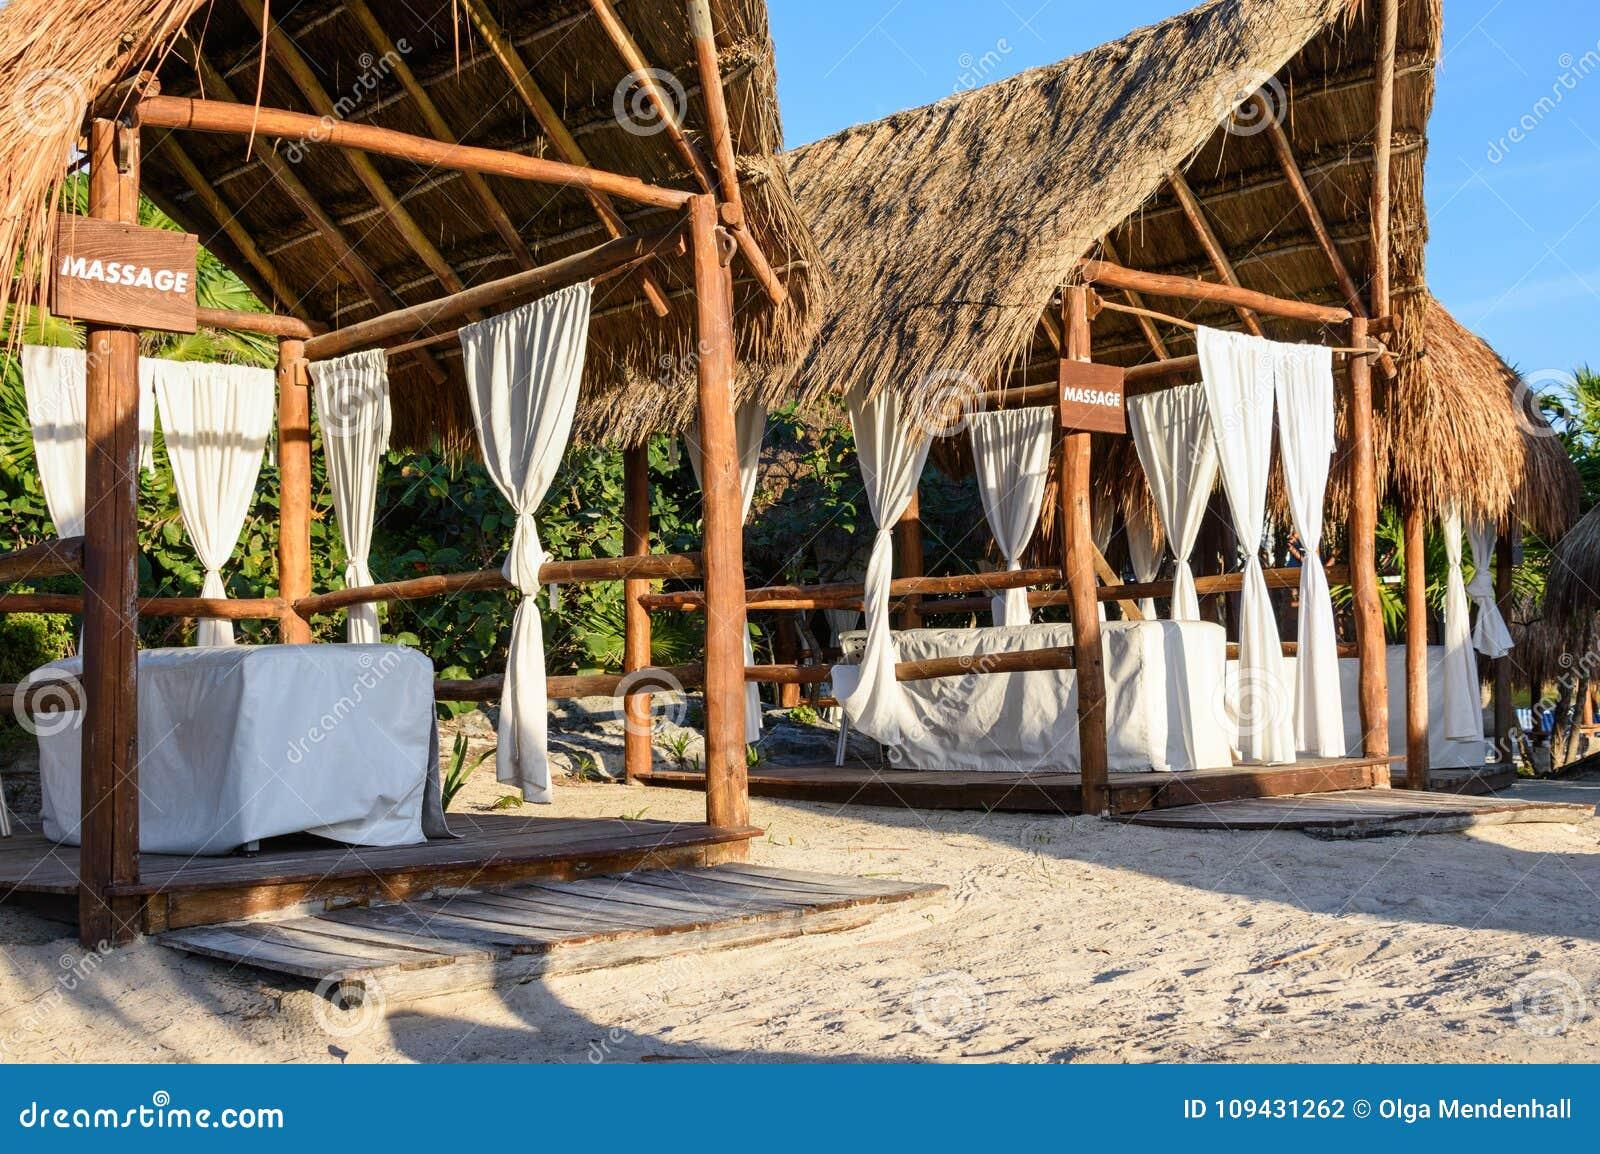 Massage canopies on the beach. Riviera Maya, Cancun, Mexico.